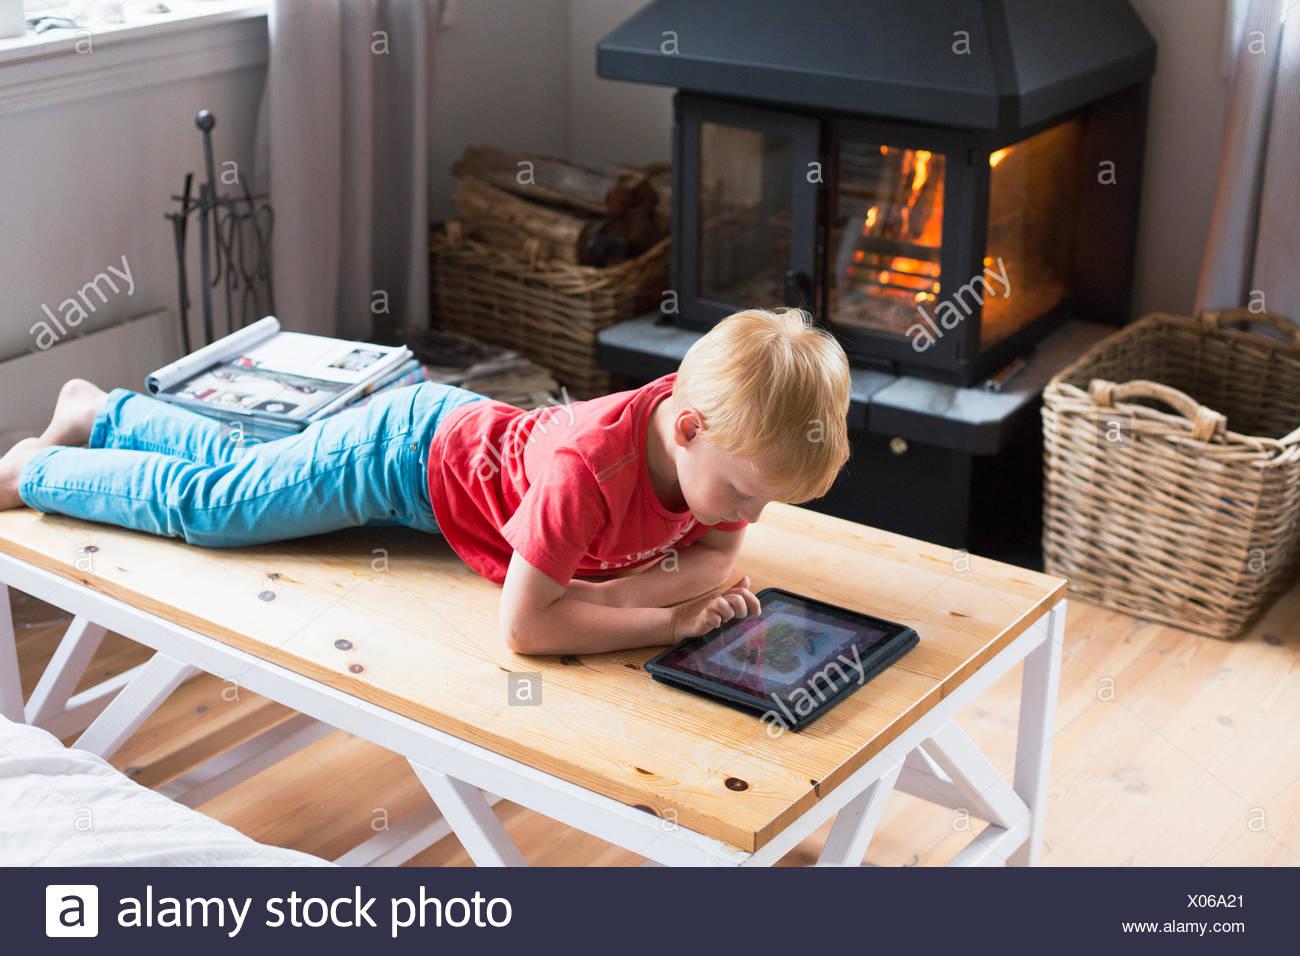 Suecia, archipiélago de Estocolmo, Grasko, Boy (6-7) jugando con la tableta digital en casa Imagen De Stock